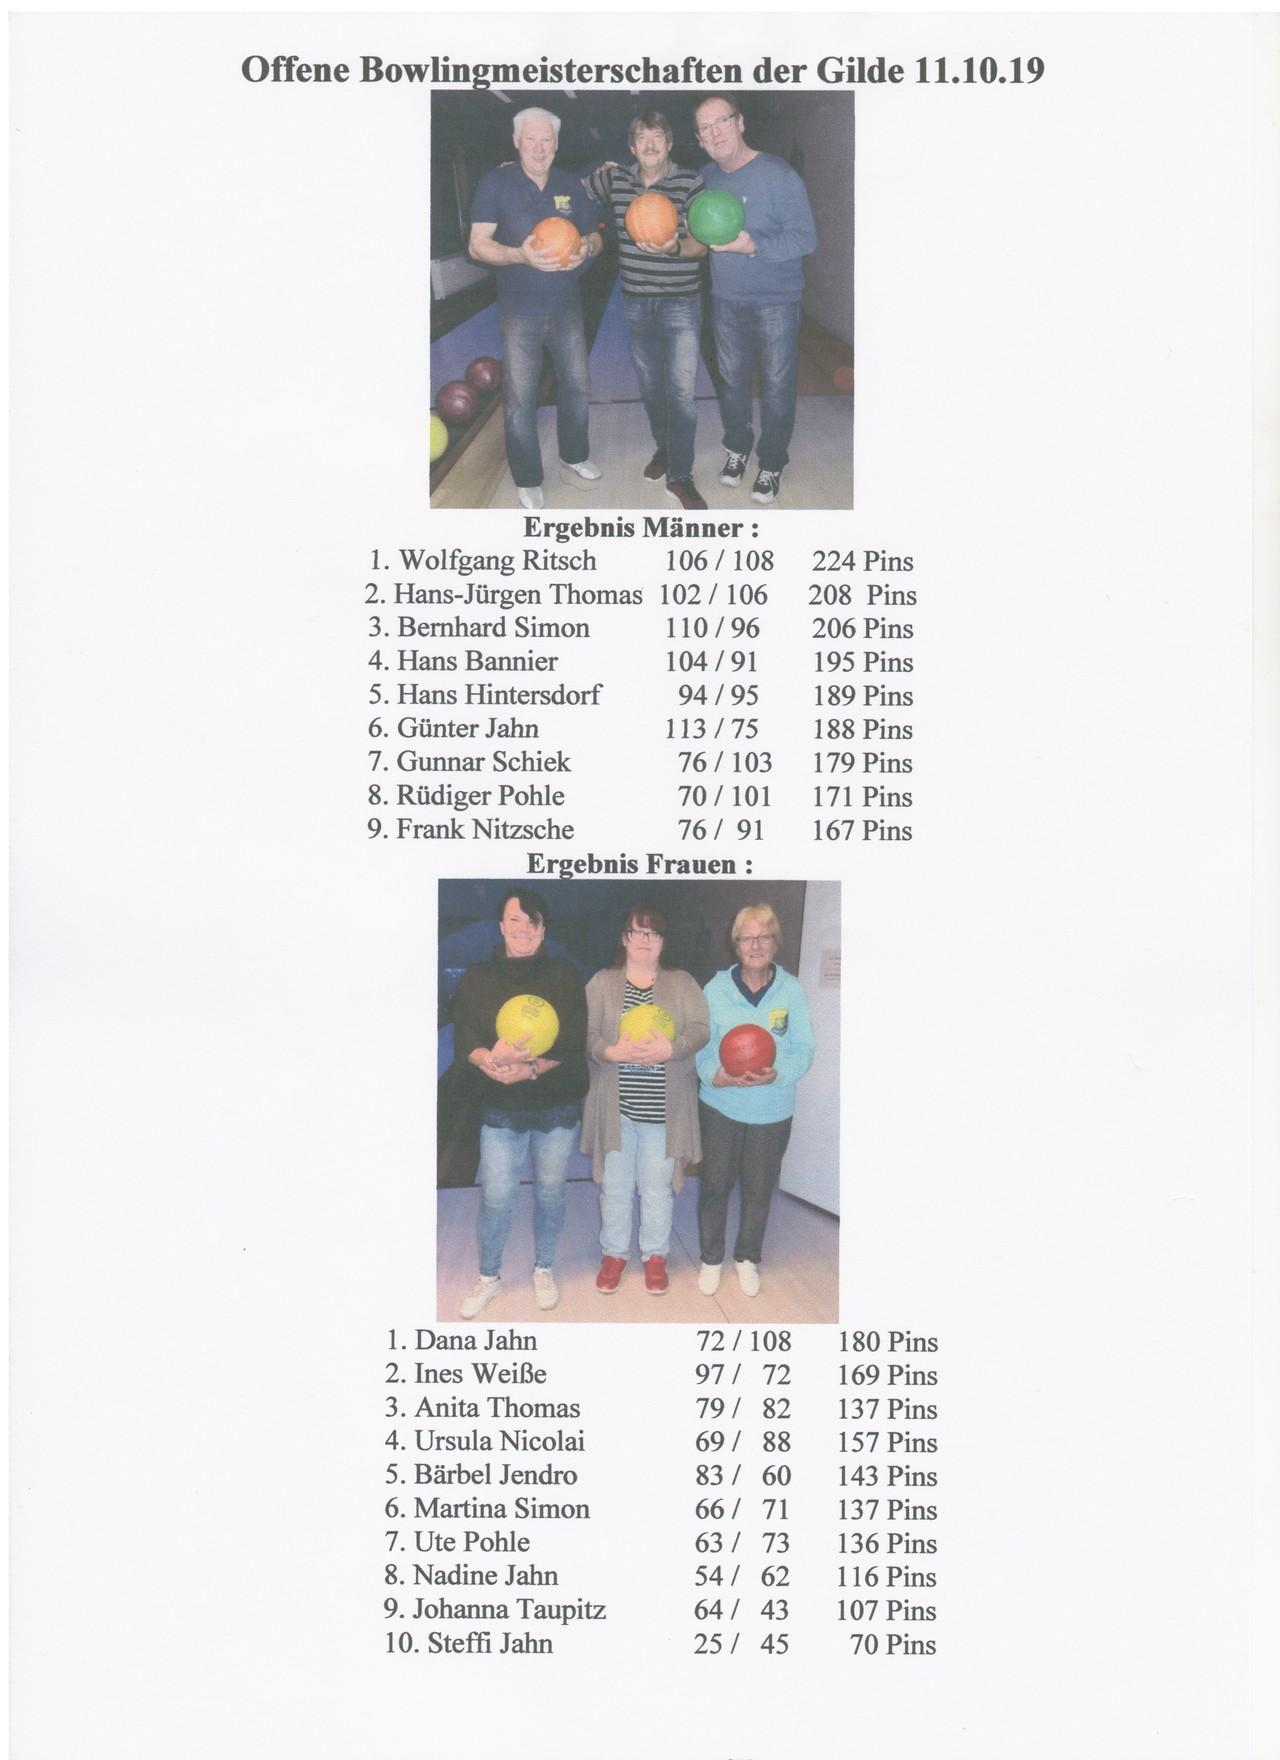 Bowlingmeisterschaften der Gilde 2019